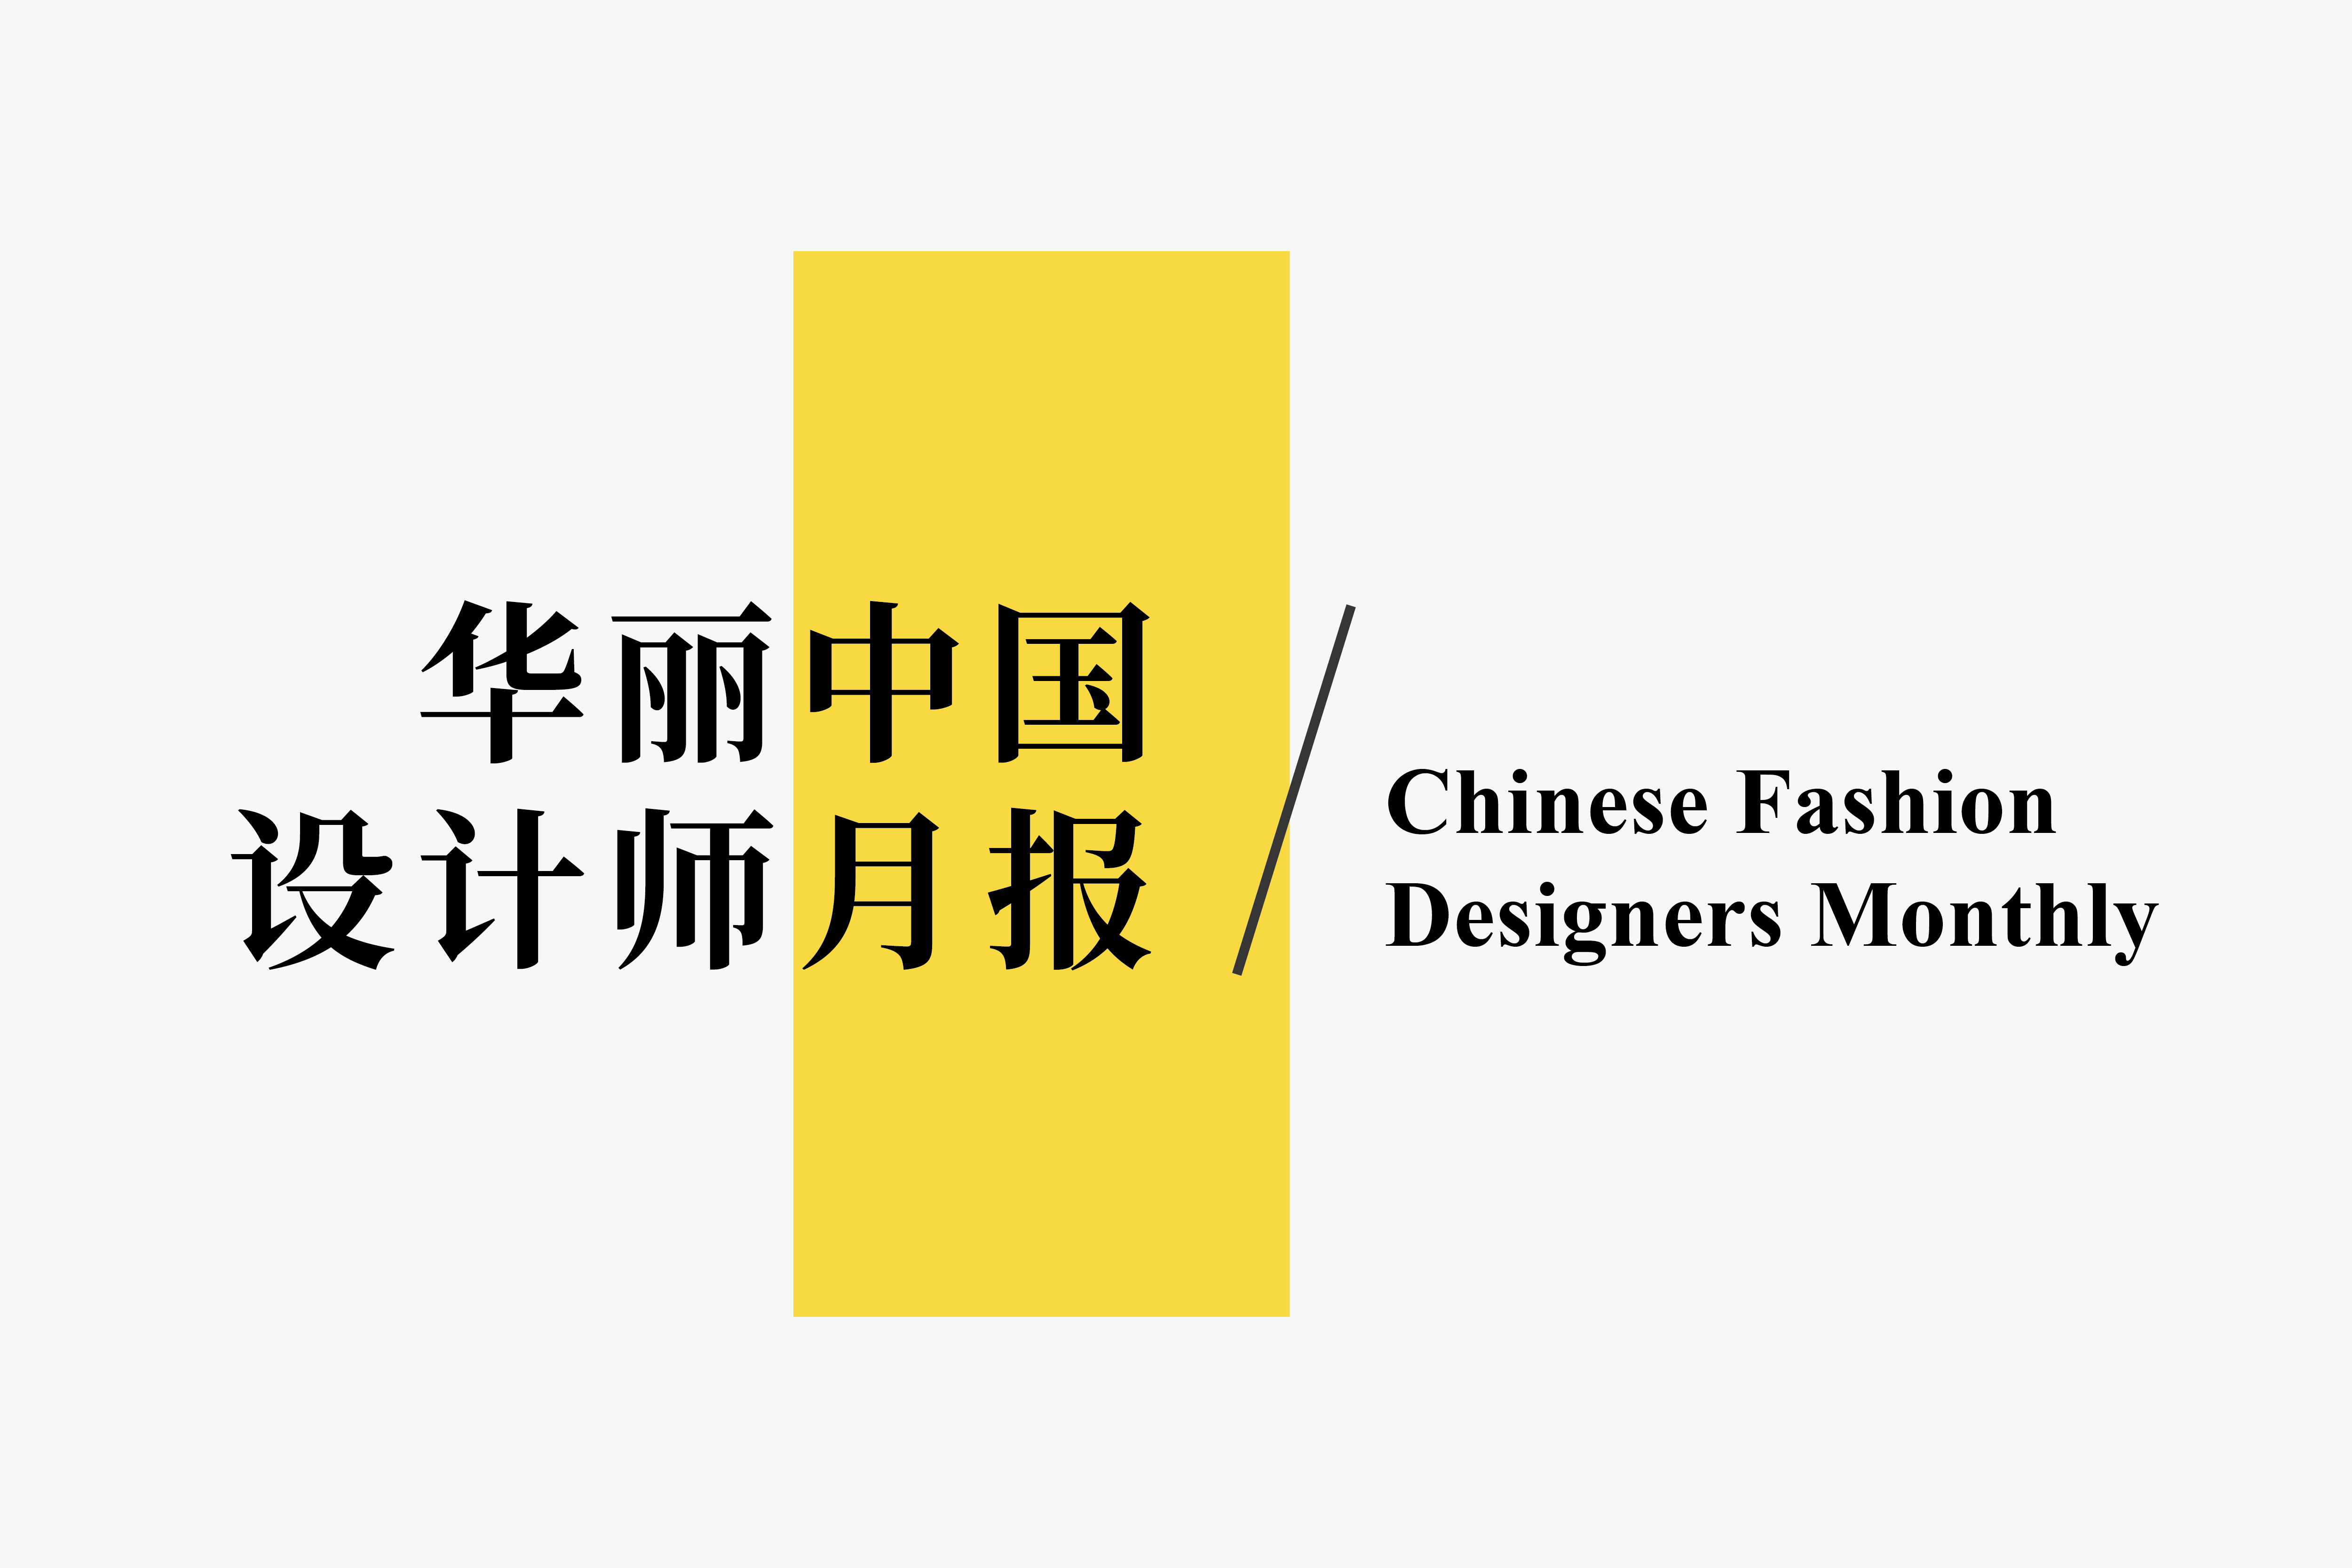 从  LVMH Prize 到李佳琦:20条设计师品牌最新动态 | 华丽志设计师月报(2021年3月)